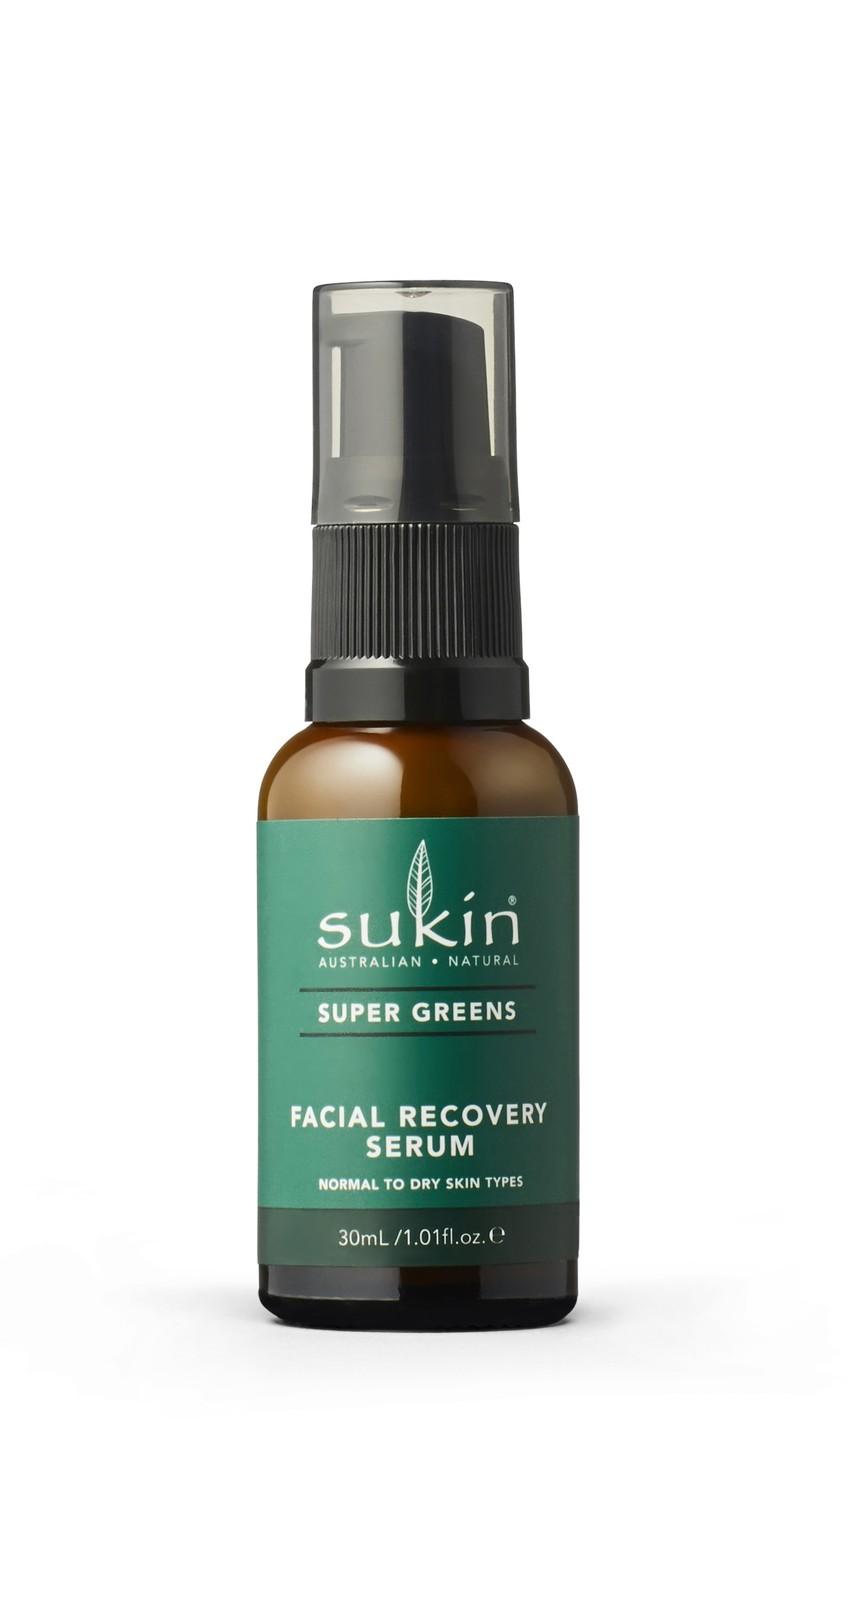 Sukin Facial Recovery Serum (30ml) image